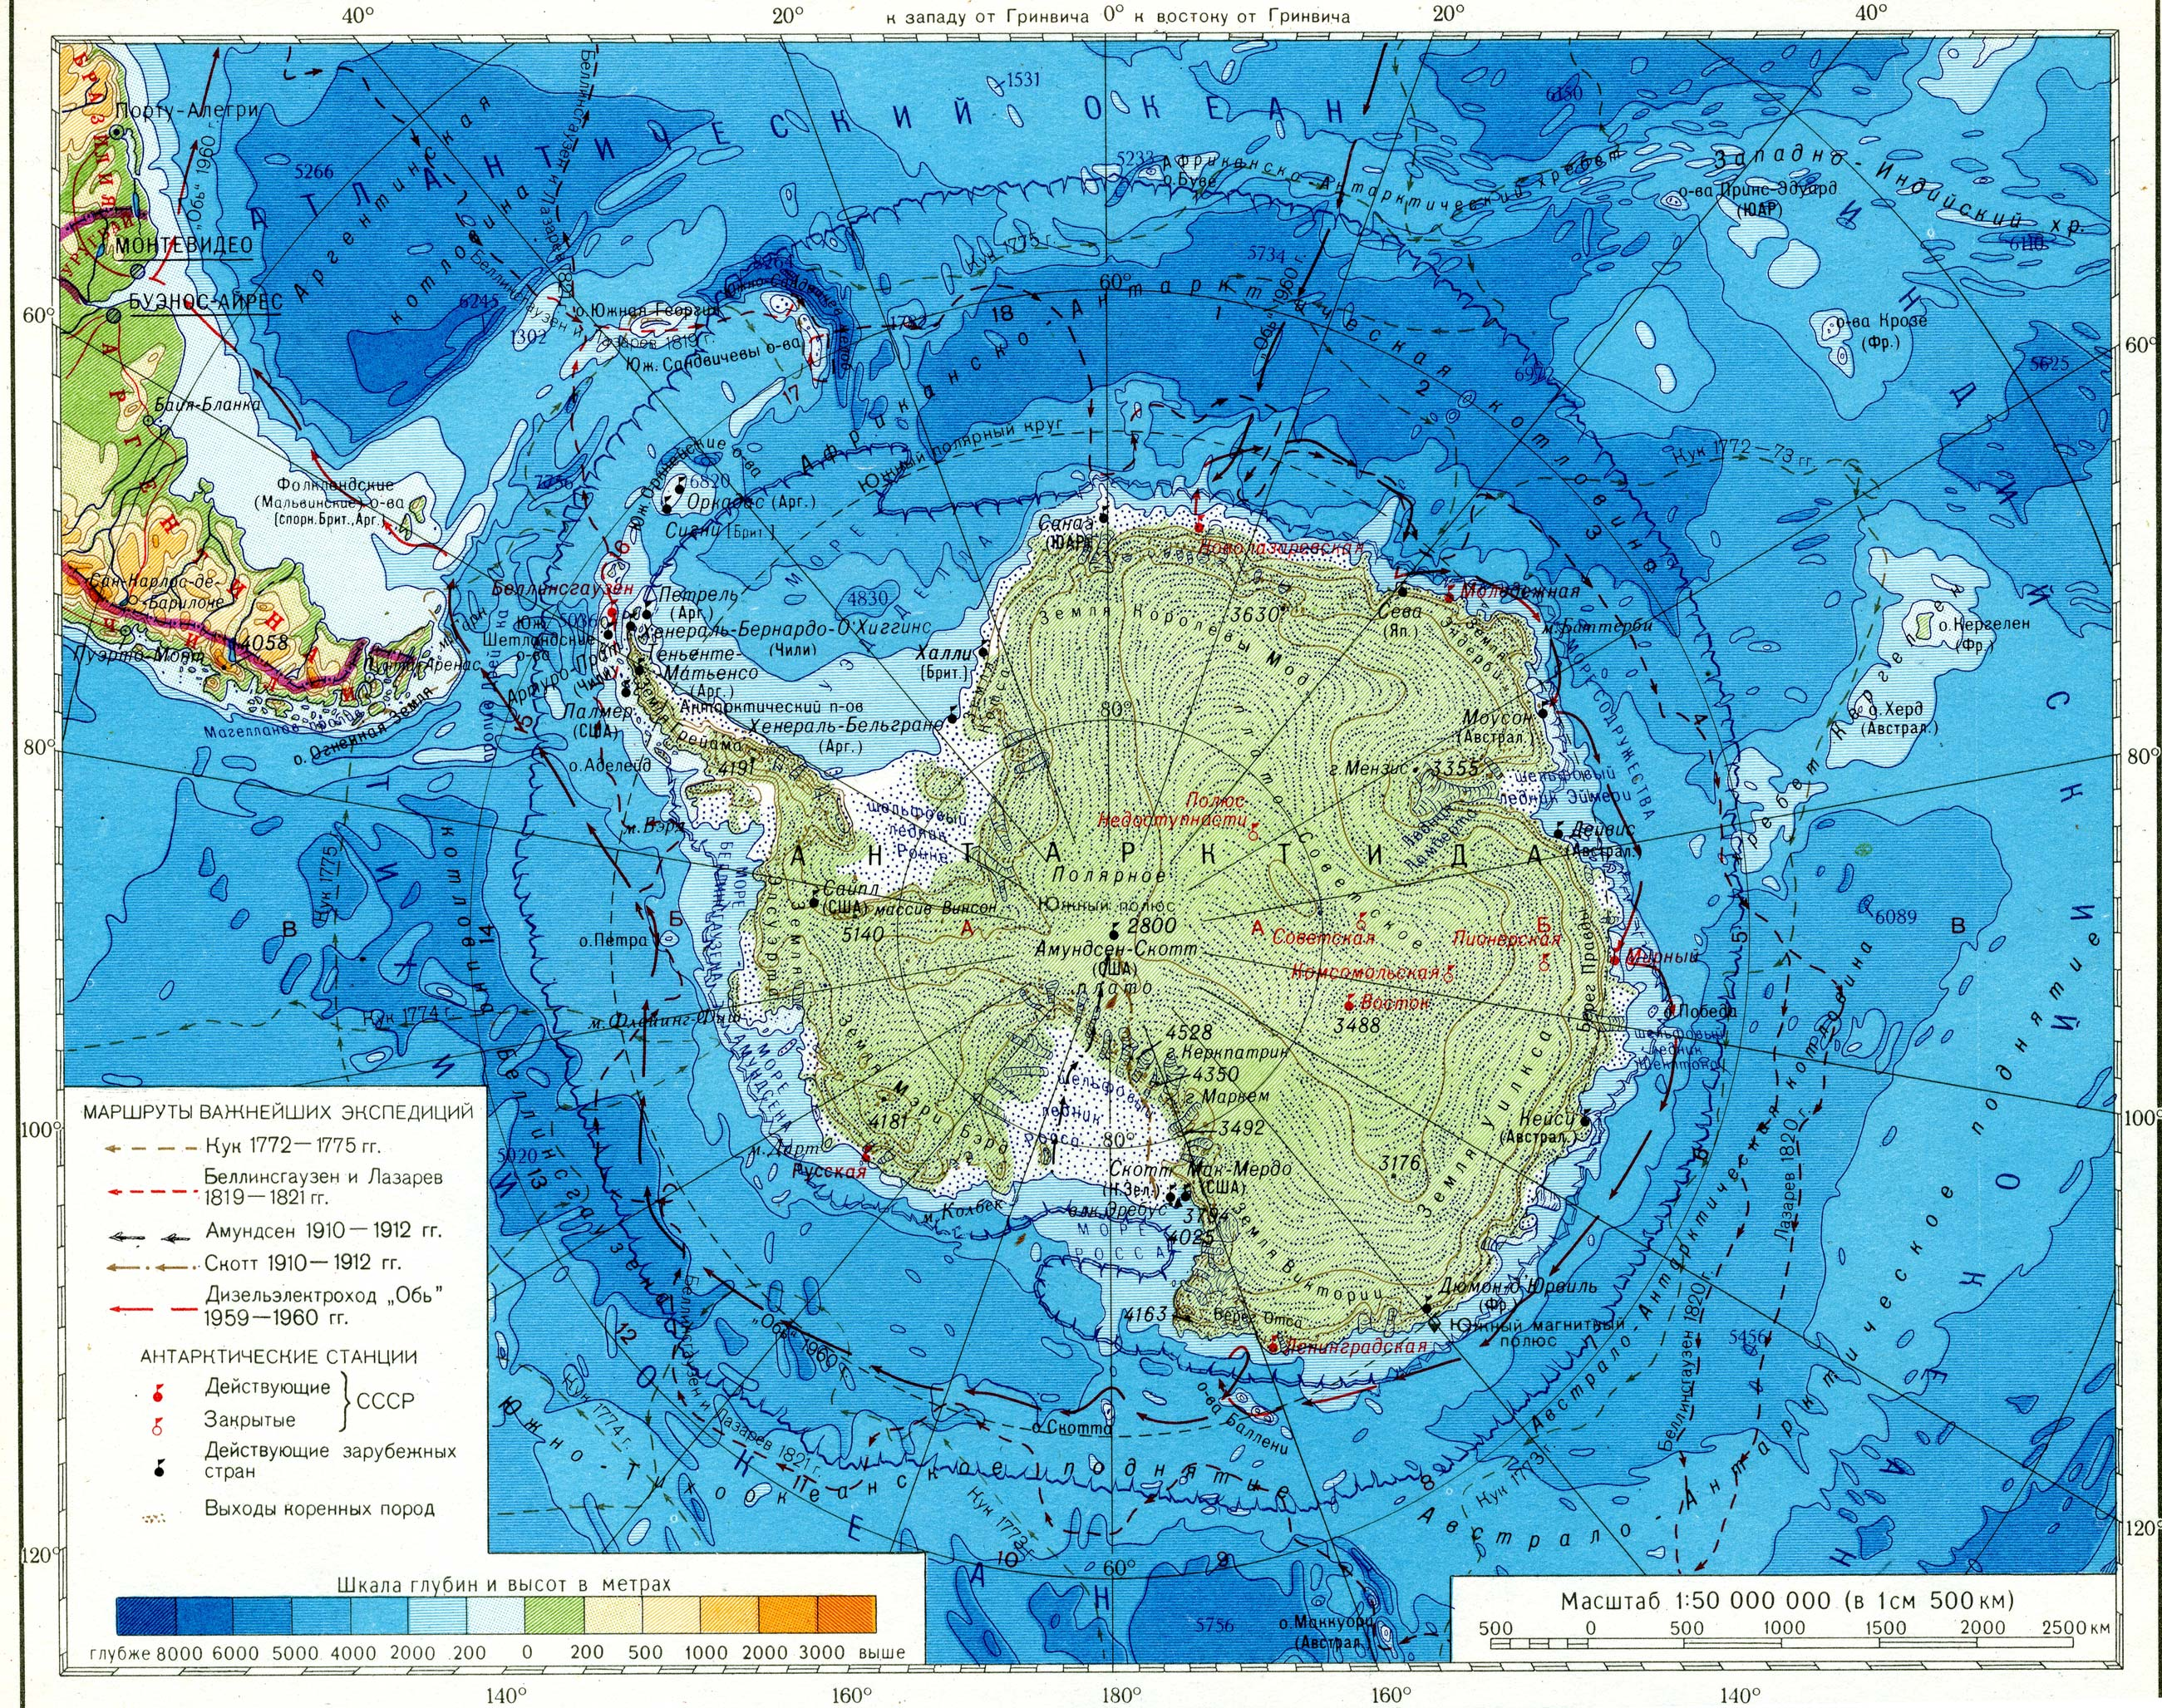 Доклад про антарктиду 5 класса